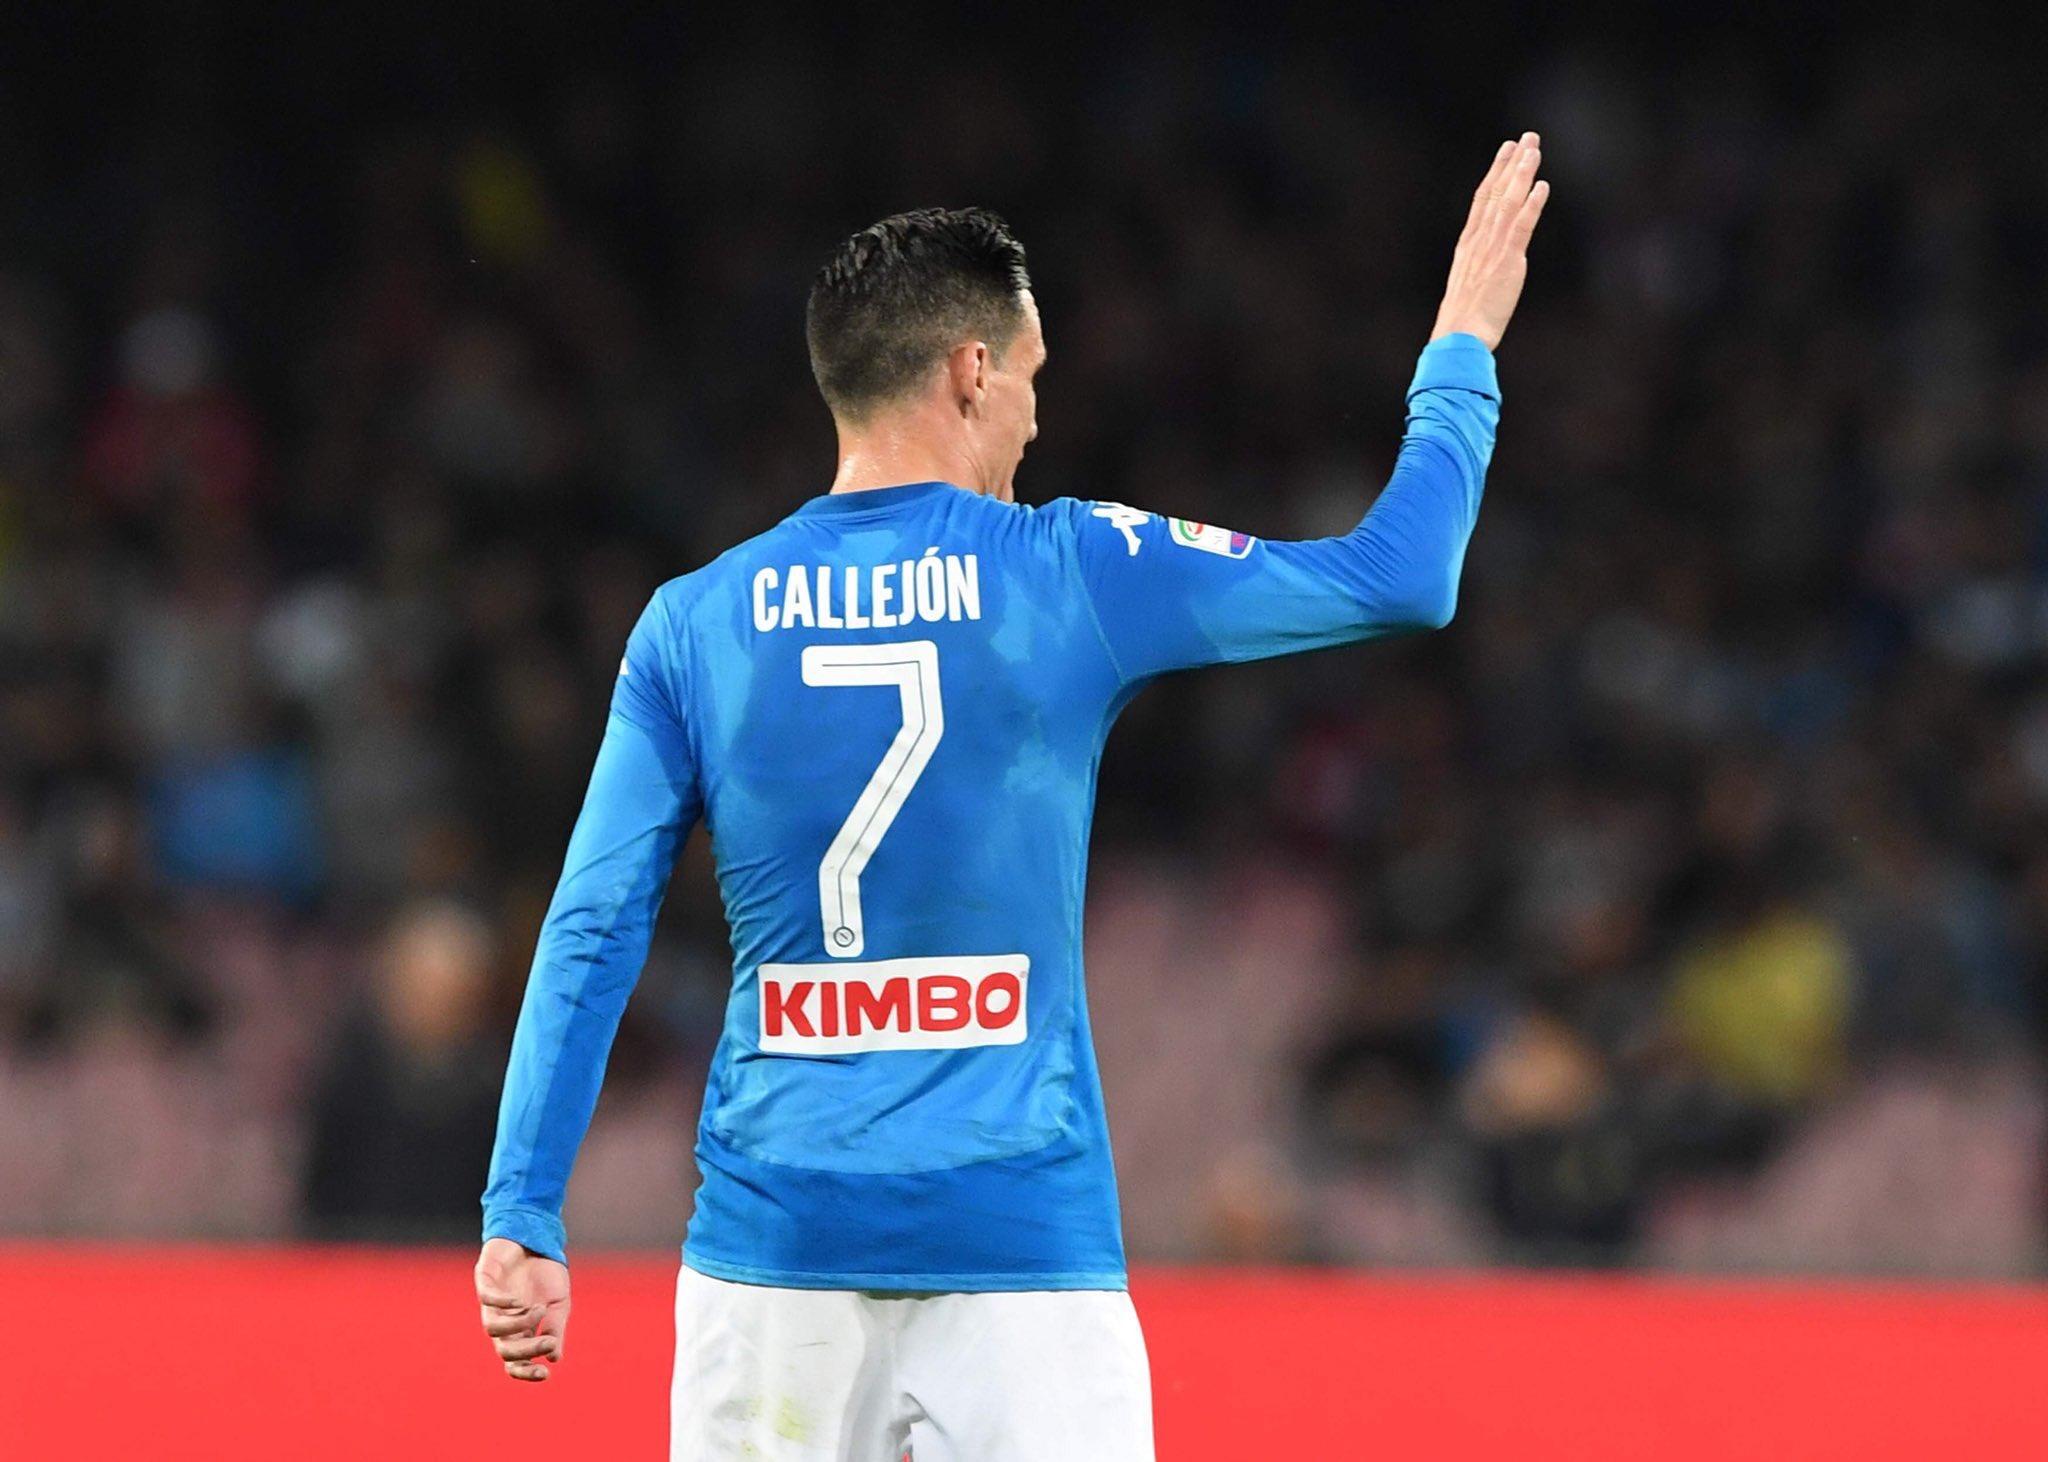 Doppia doppia per Callejon, il Napoli chiude a 91 punti